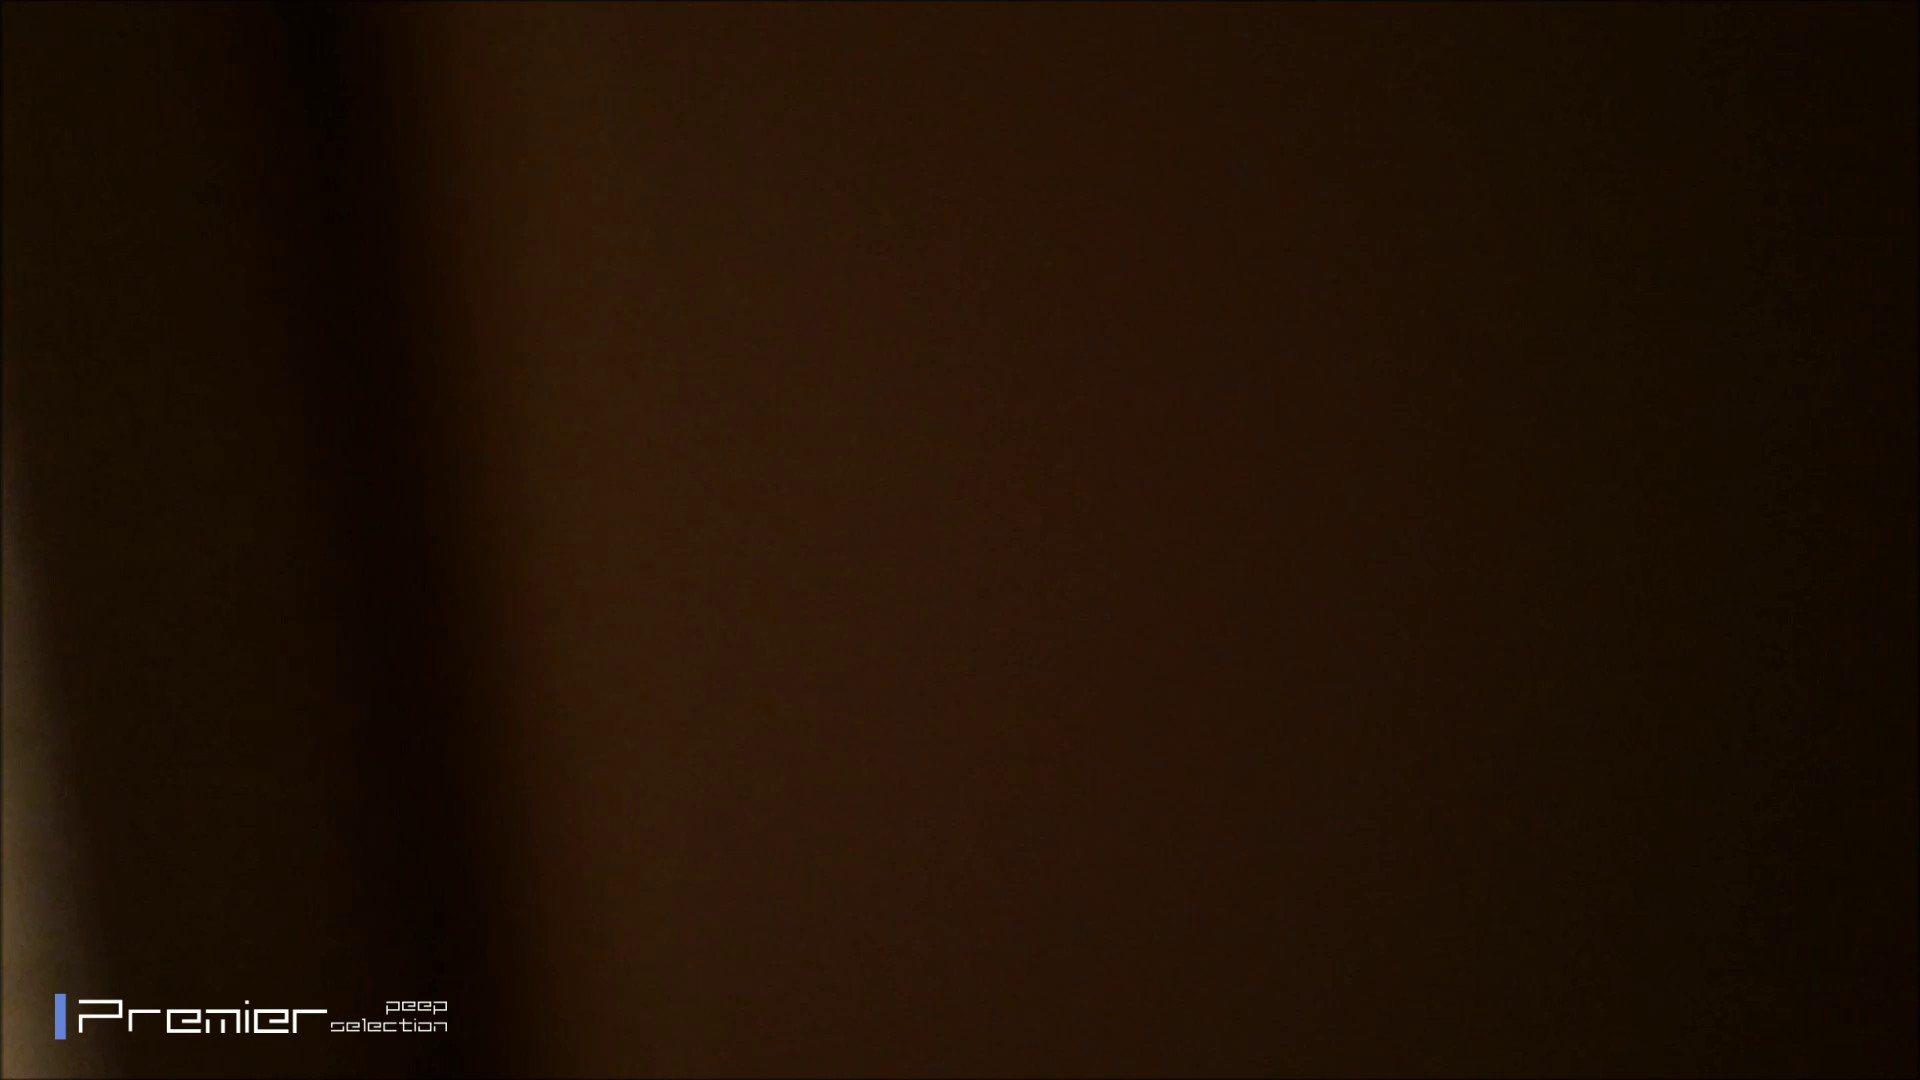 シャワーのお湯を跳ね返すお肌 乙女の風呂場 Vol.03 盗撮映像大放出 セックス画像 98連発 93